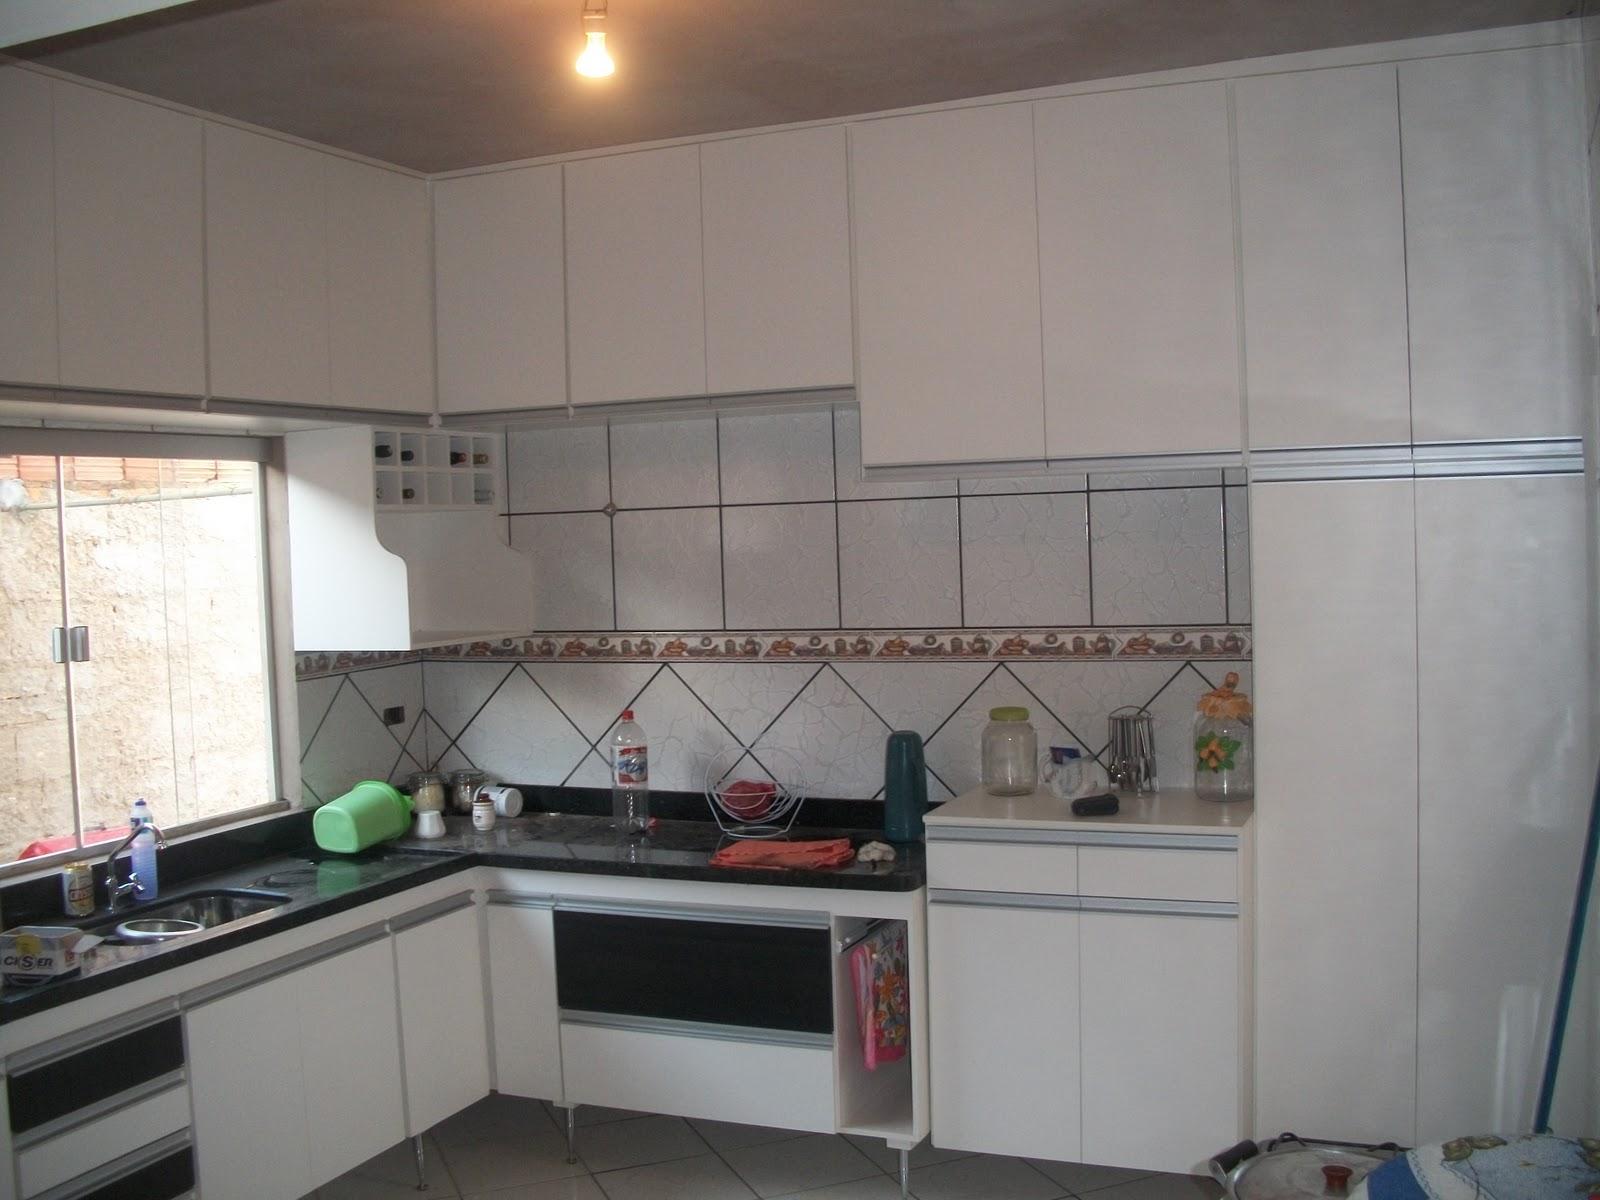 Cozinha Planejada Com Suporte Para Microondas Beyato Com V Rios